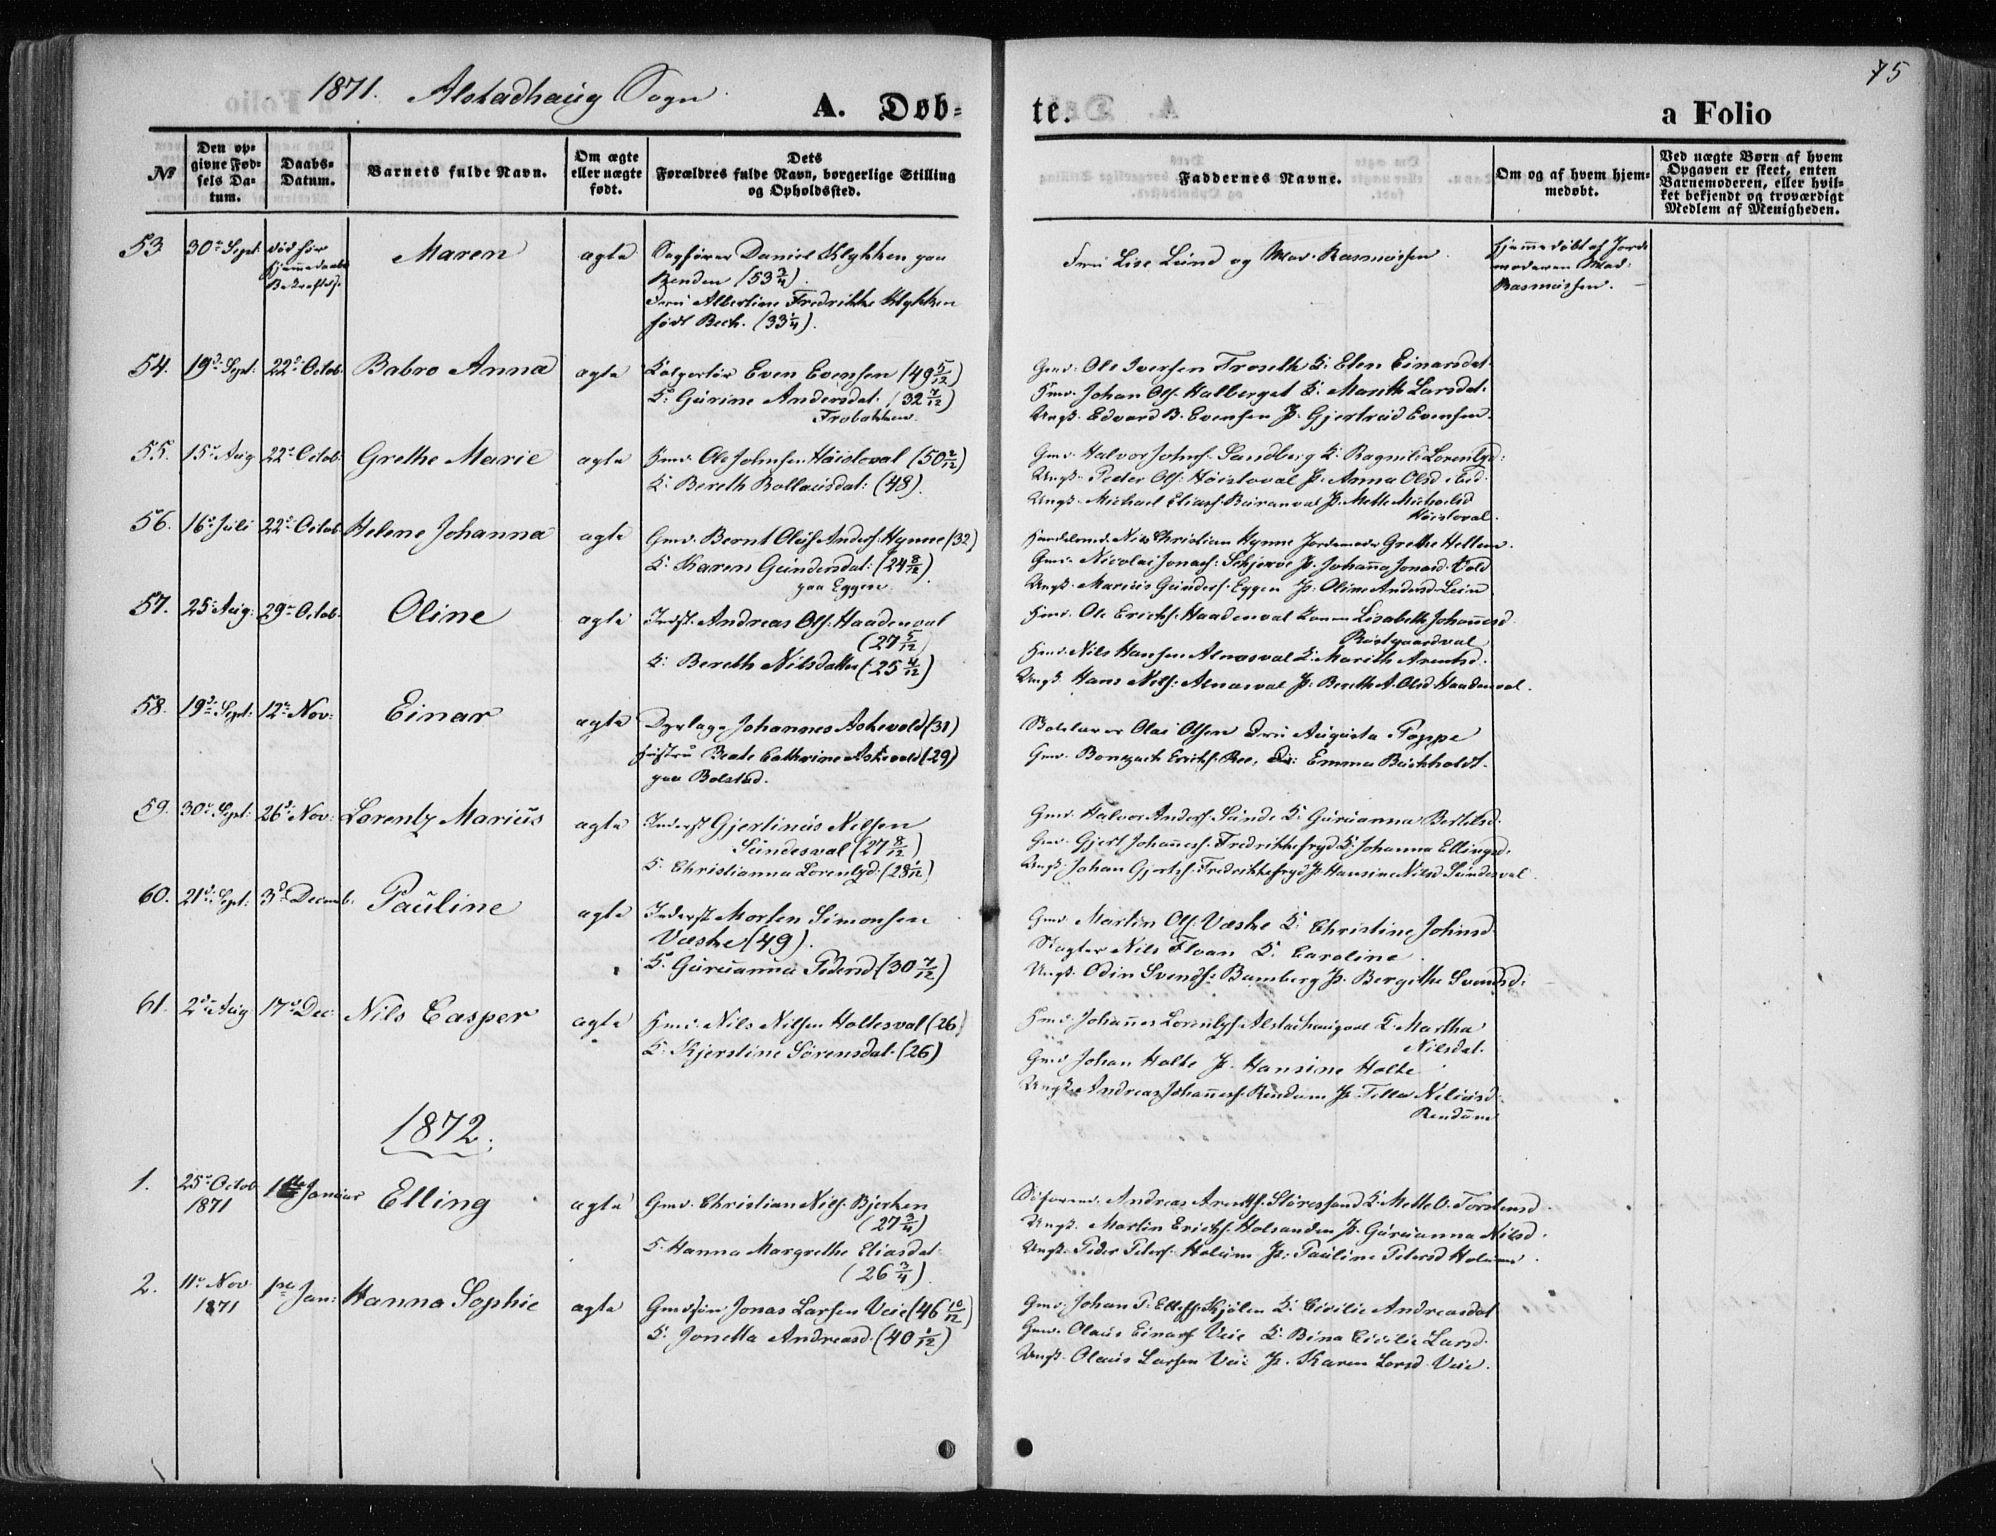 SAT, Ministerialprotokoller, klokkerbøker og fødselsregistre - Nord-Trøndelag, 717/L0157: Ministerialbok nr. 717A08 /1, 1863-1877, s. 75